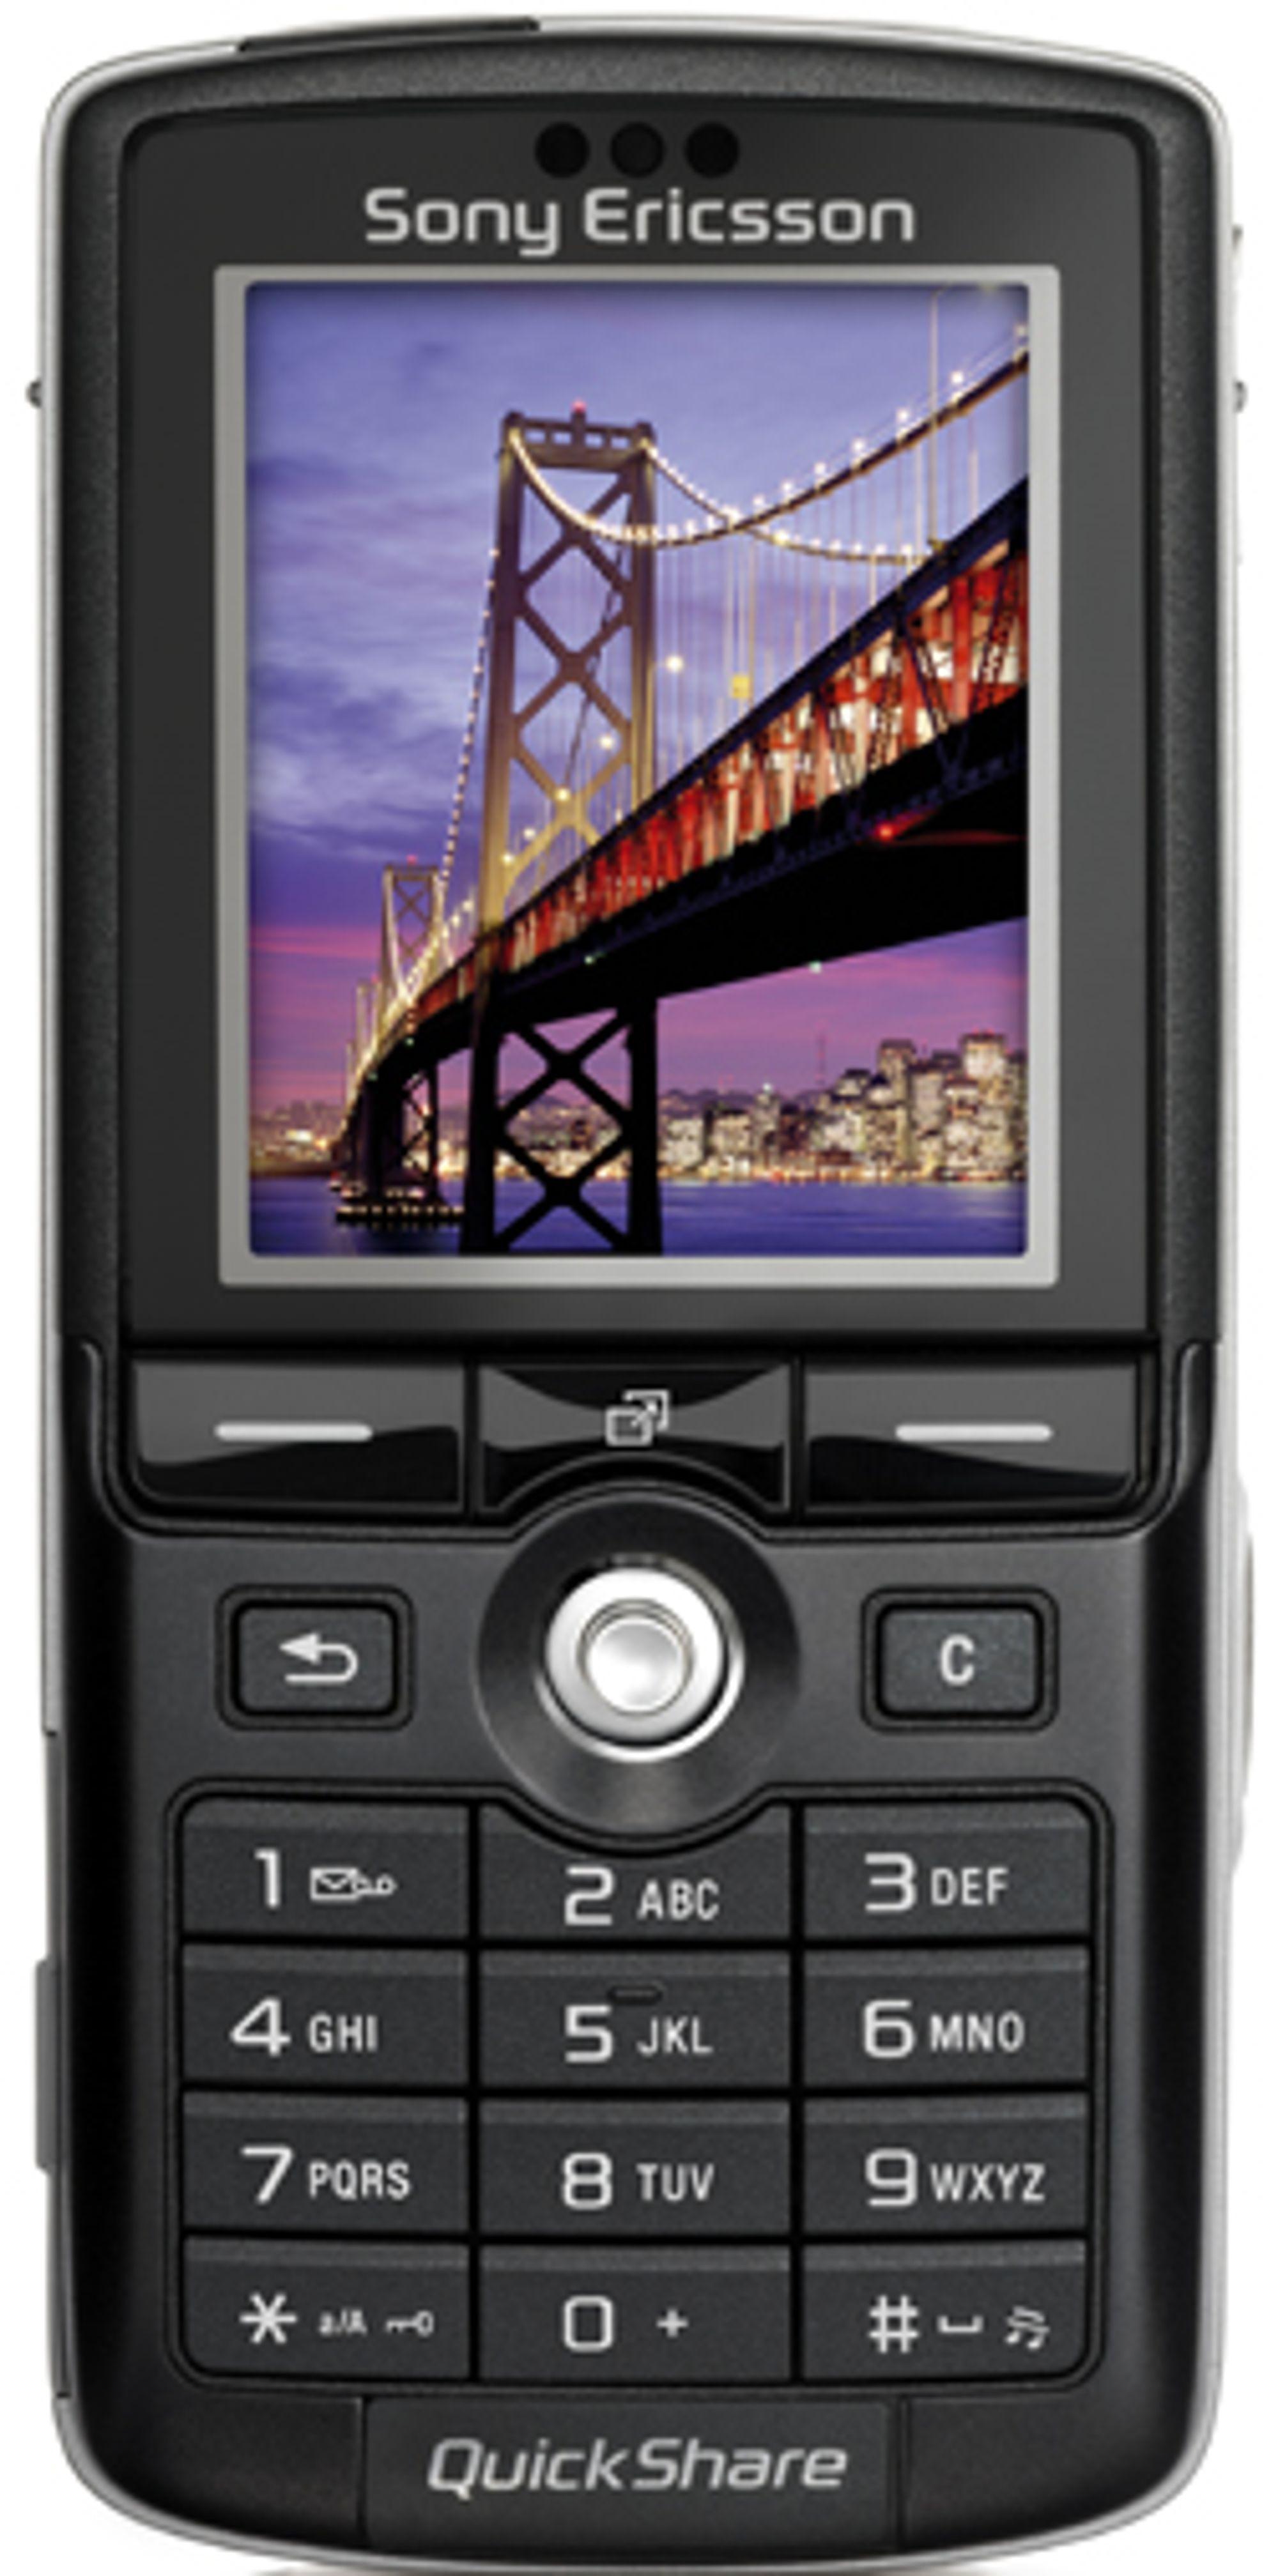 Mye har endret seg siden Sony Ericssons tidlige glansdager.